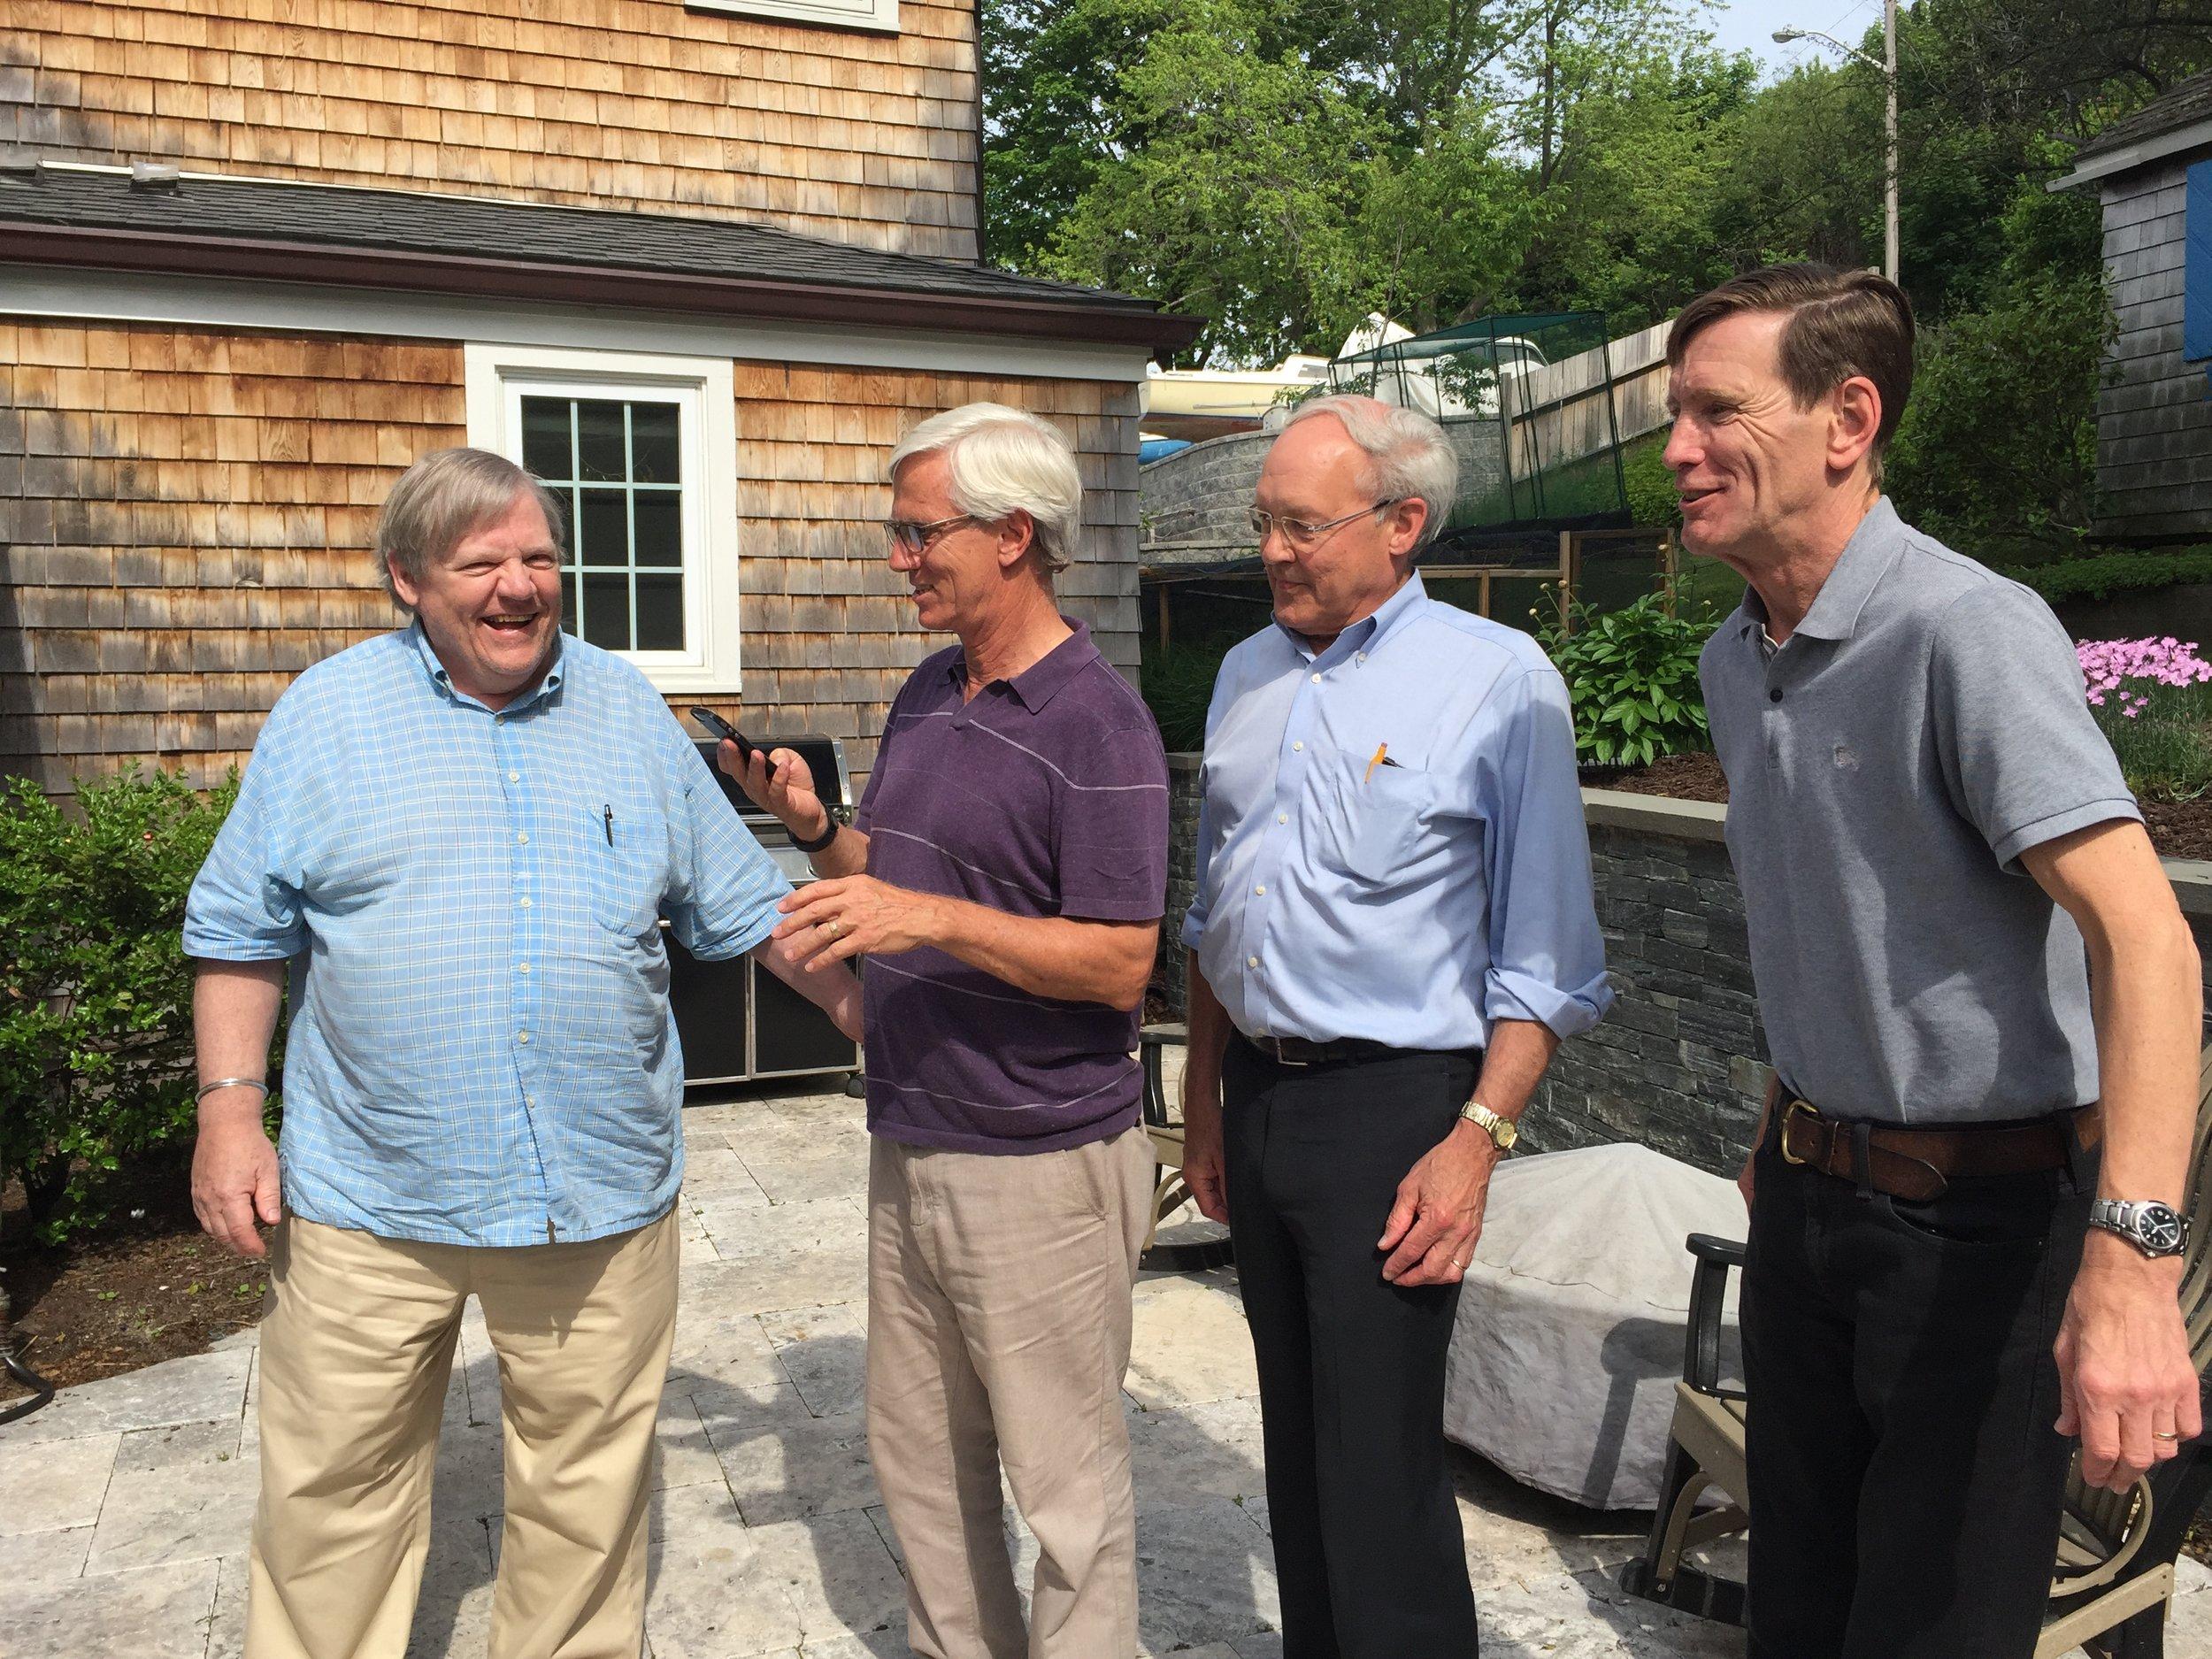 Jim, Mike, Hugh and John